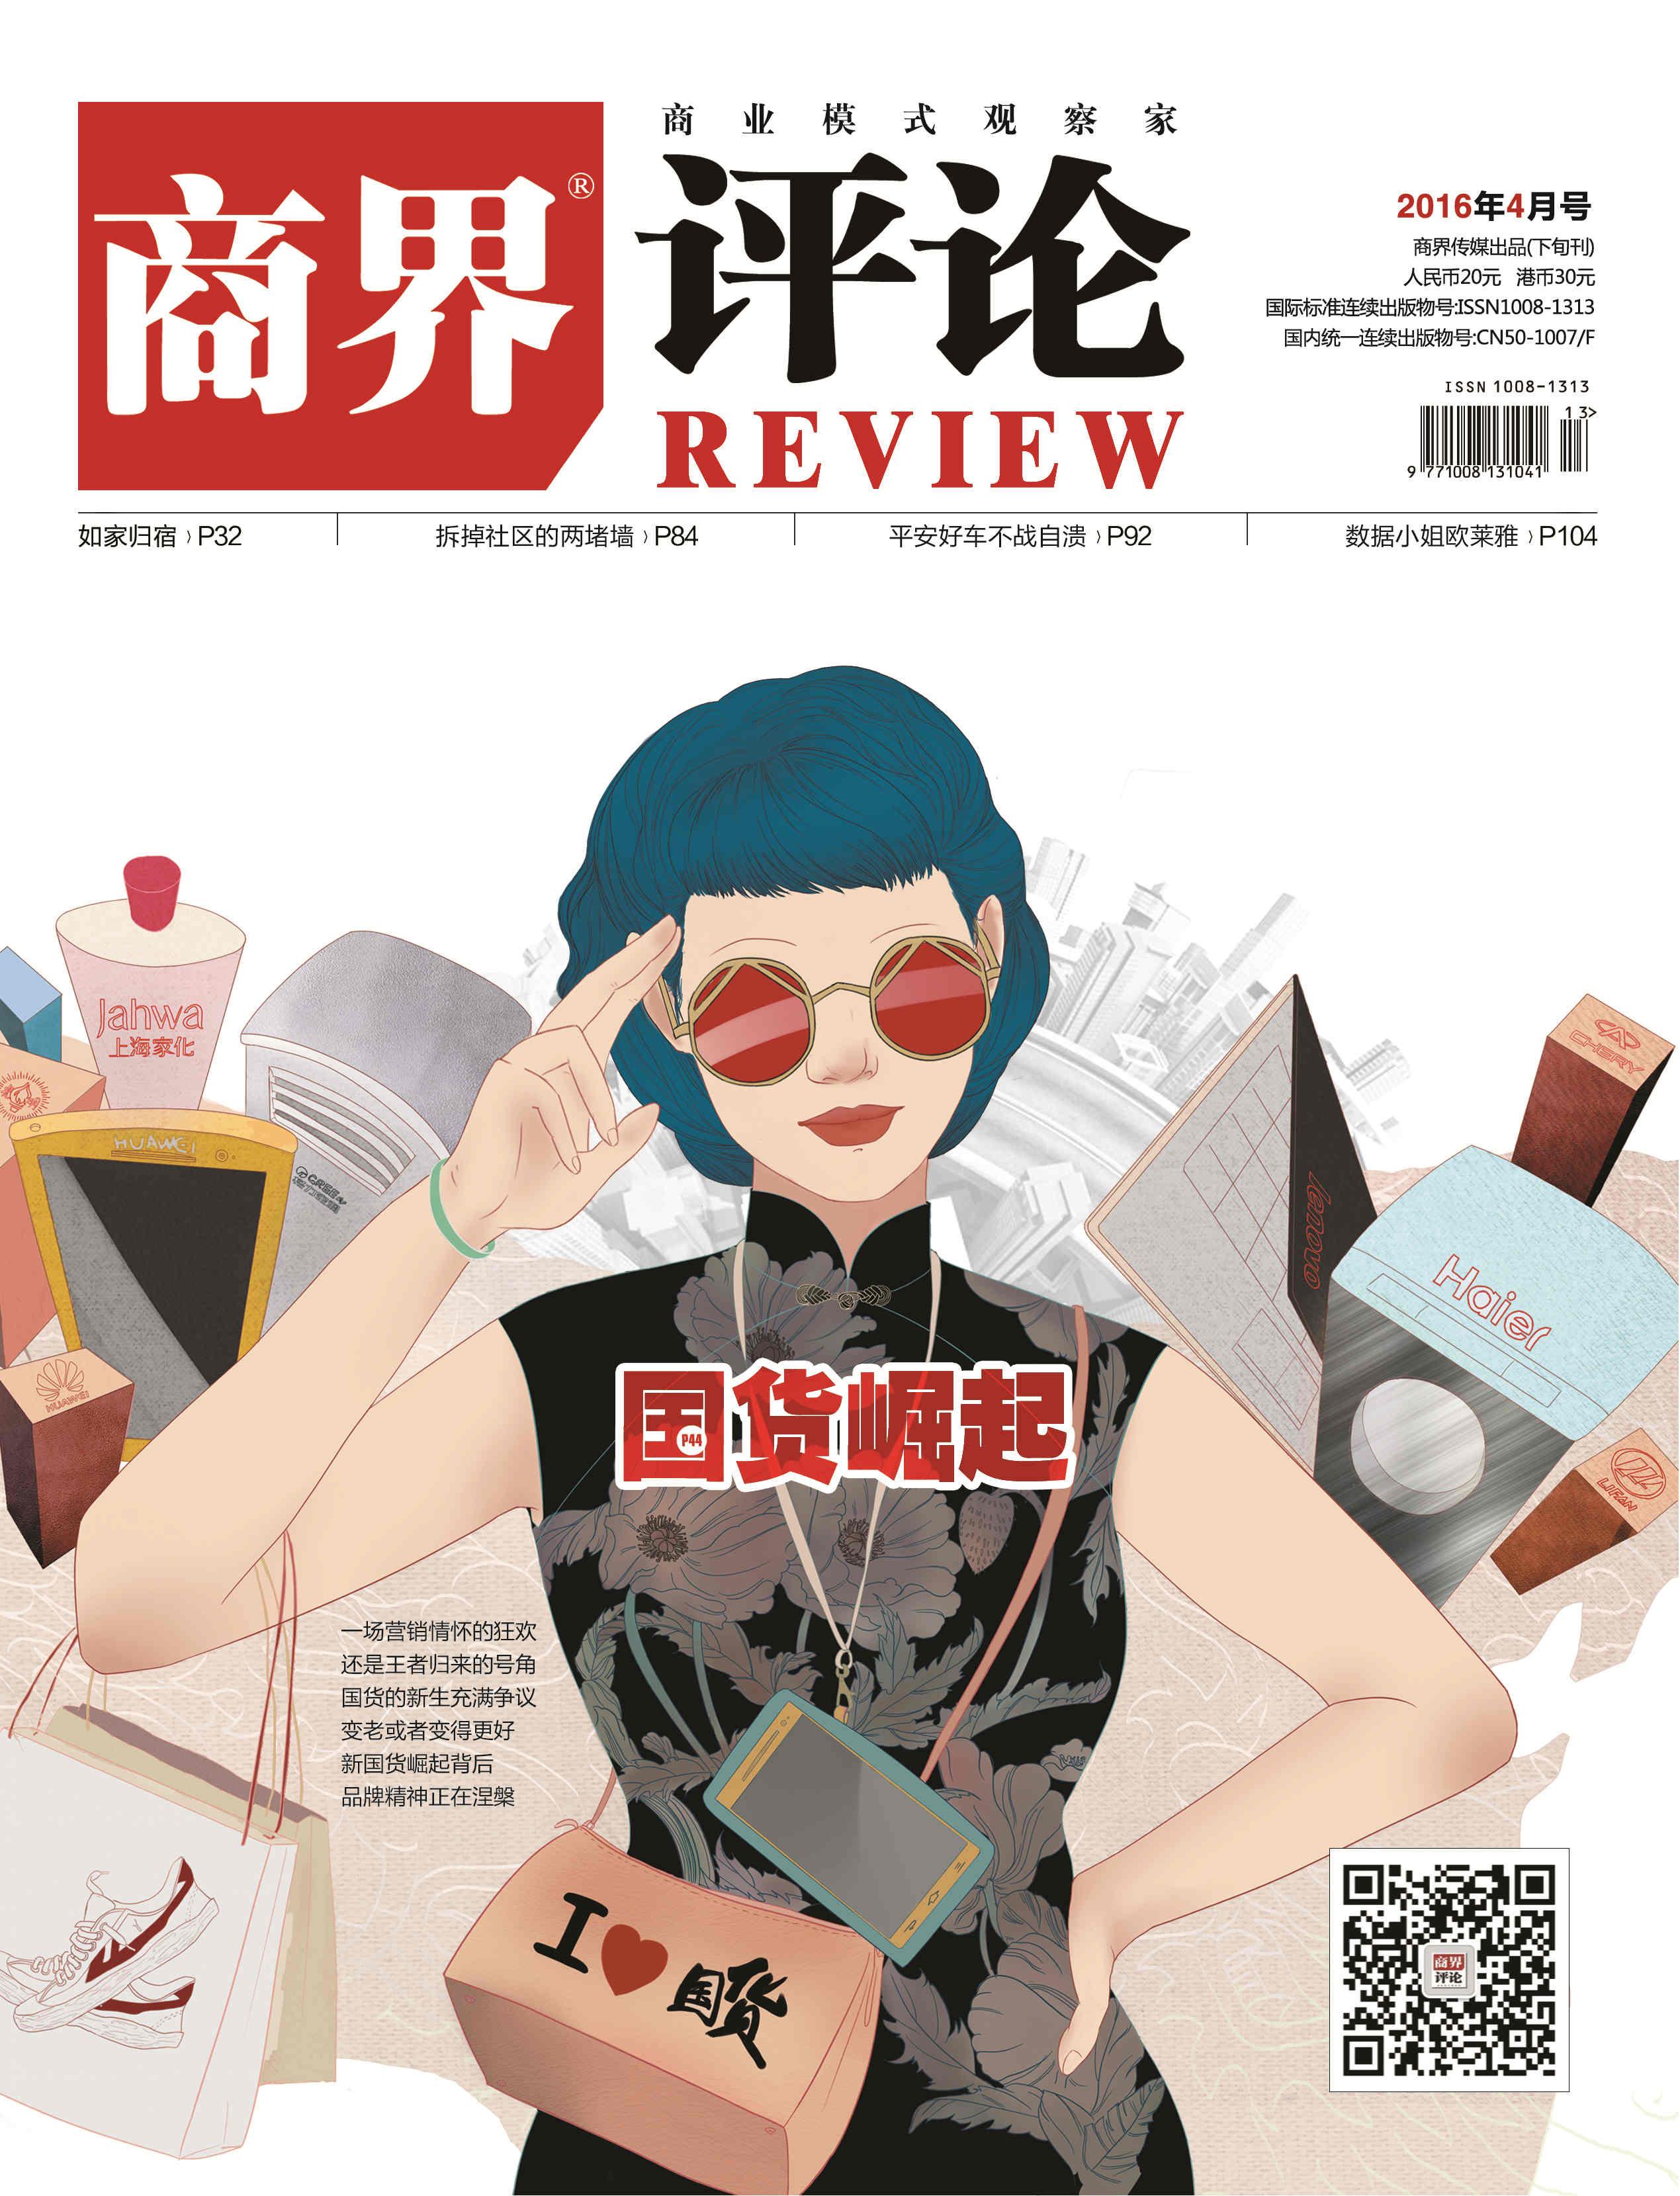 商界评论2016年4月刊